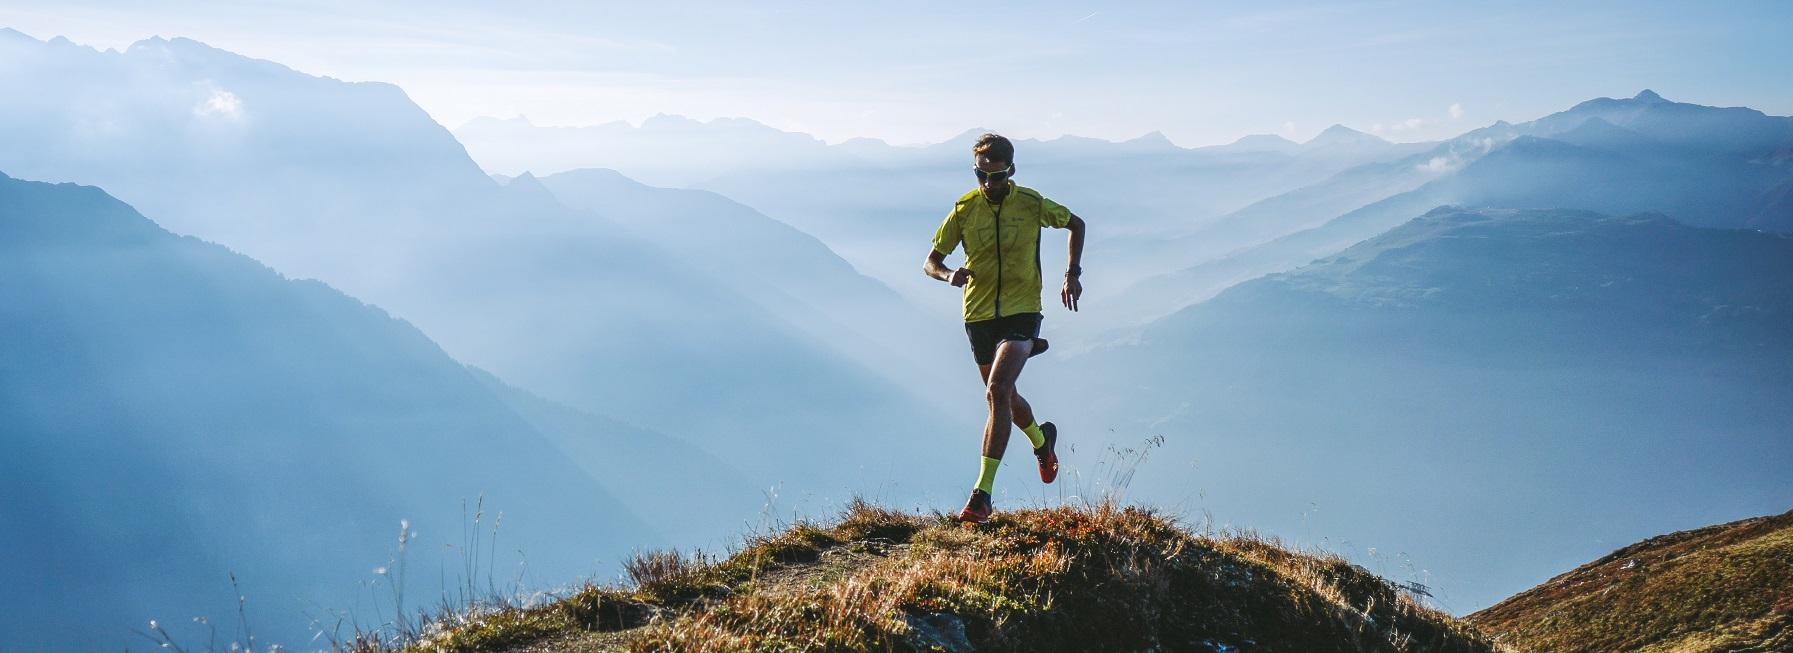 Správná výživa posune vaše výkony o metu dál. Ultra běžec Martin Nytra a jeho zkušenost s produkty Hammer Nutrition